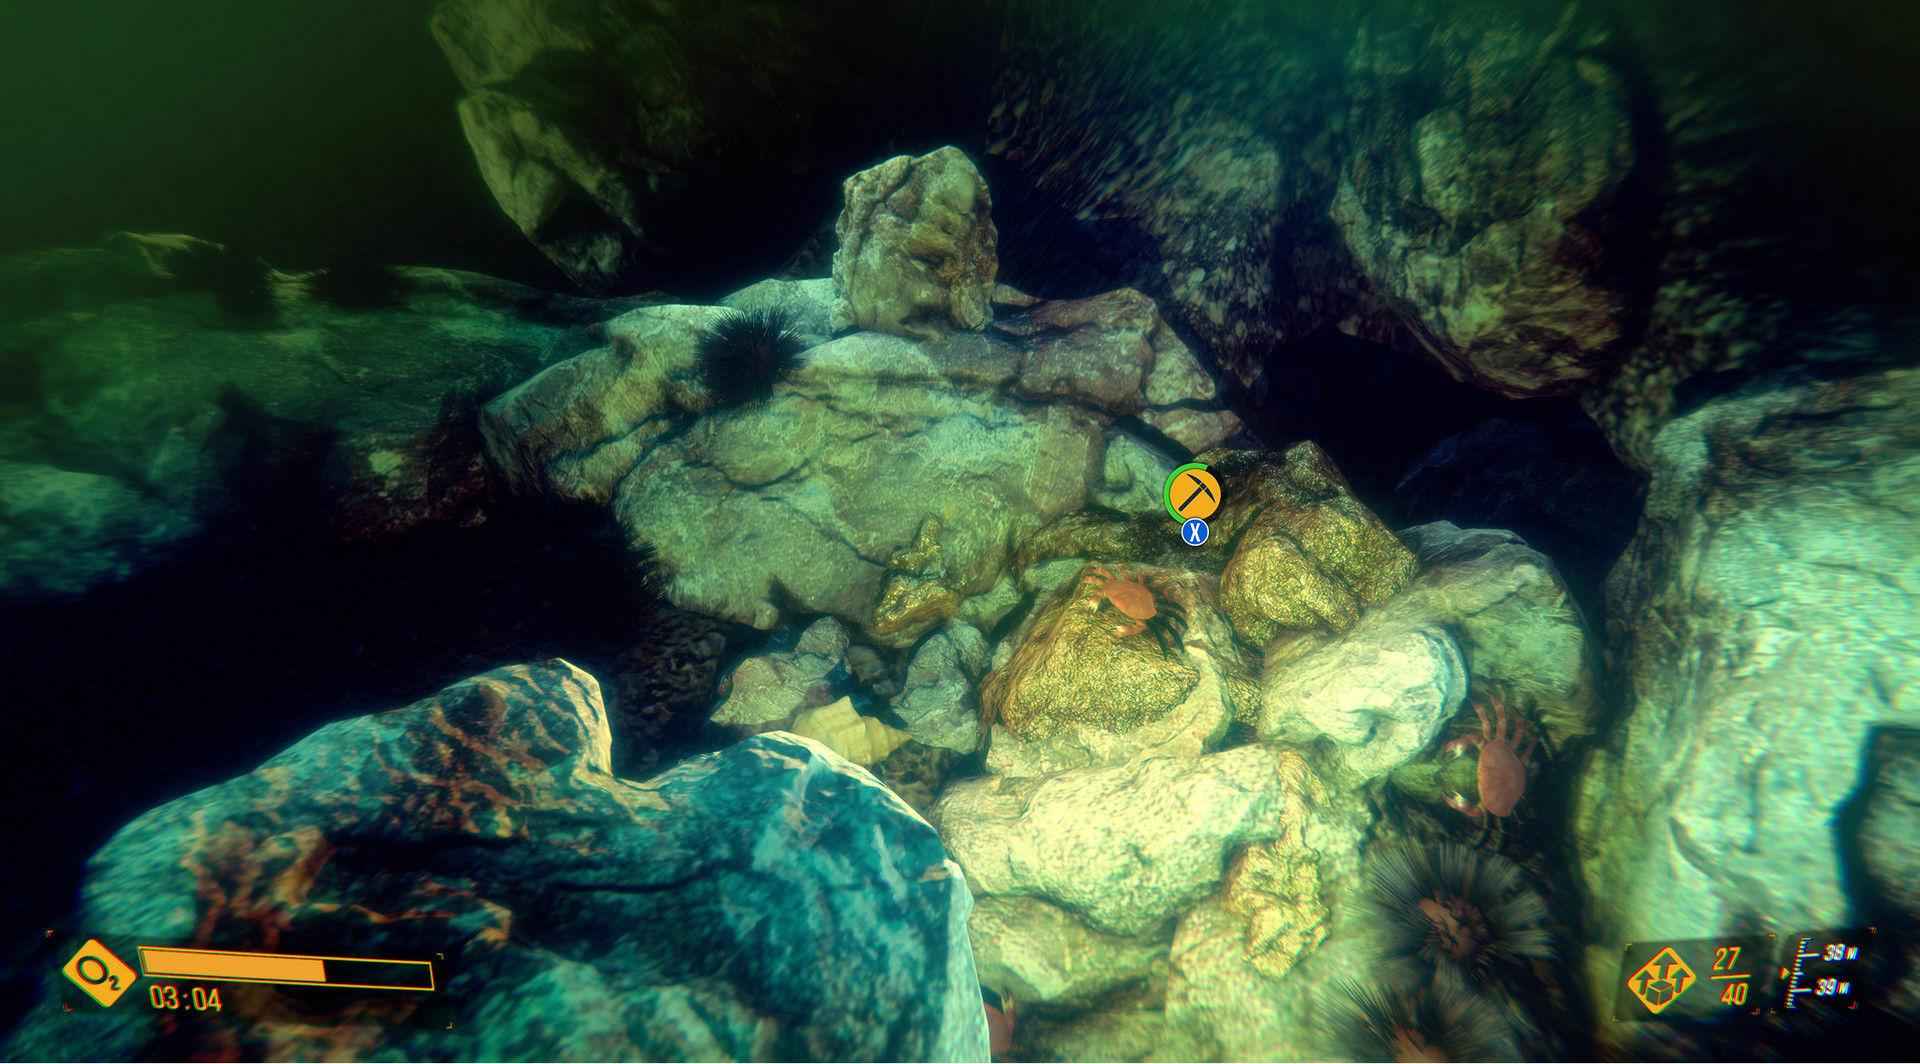 Deep Diving Simulator screenshot 1